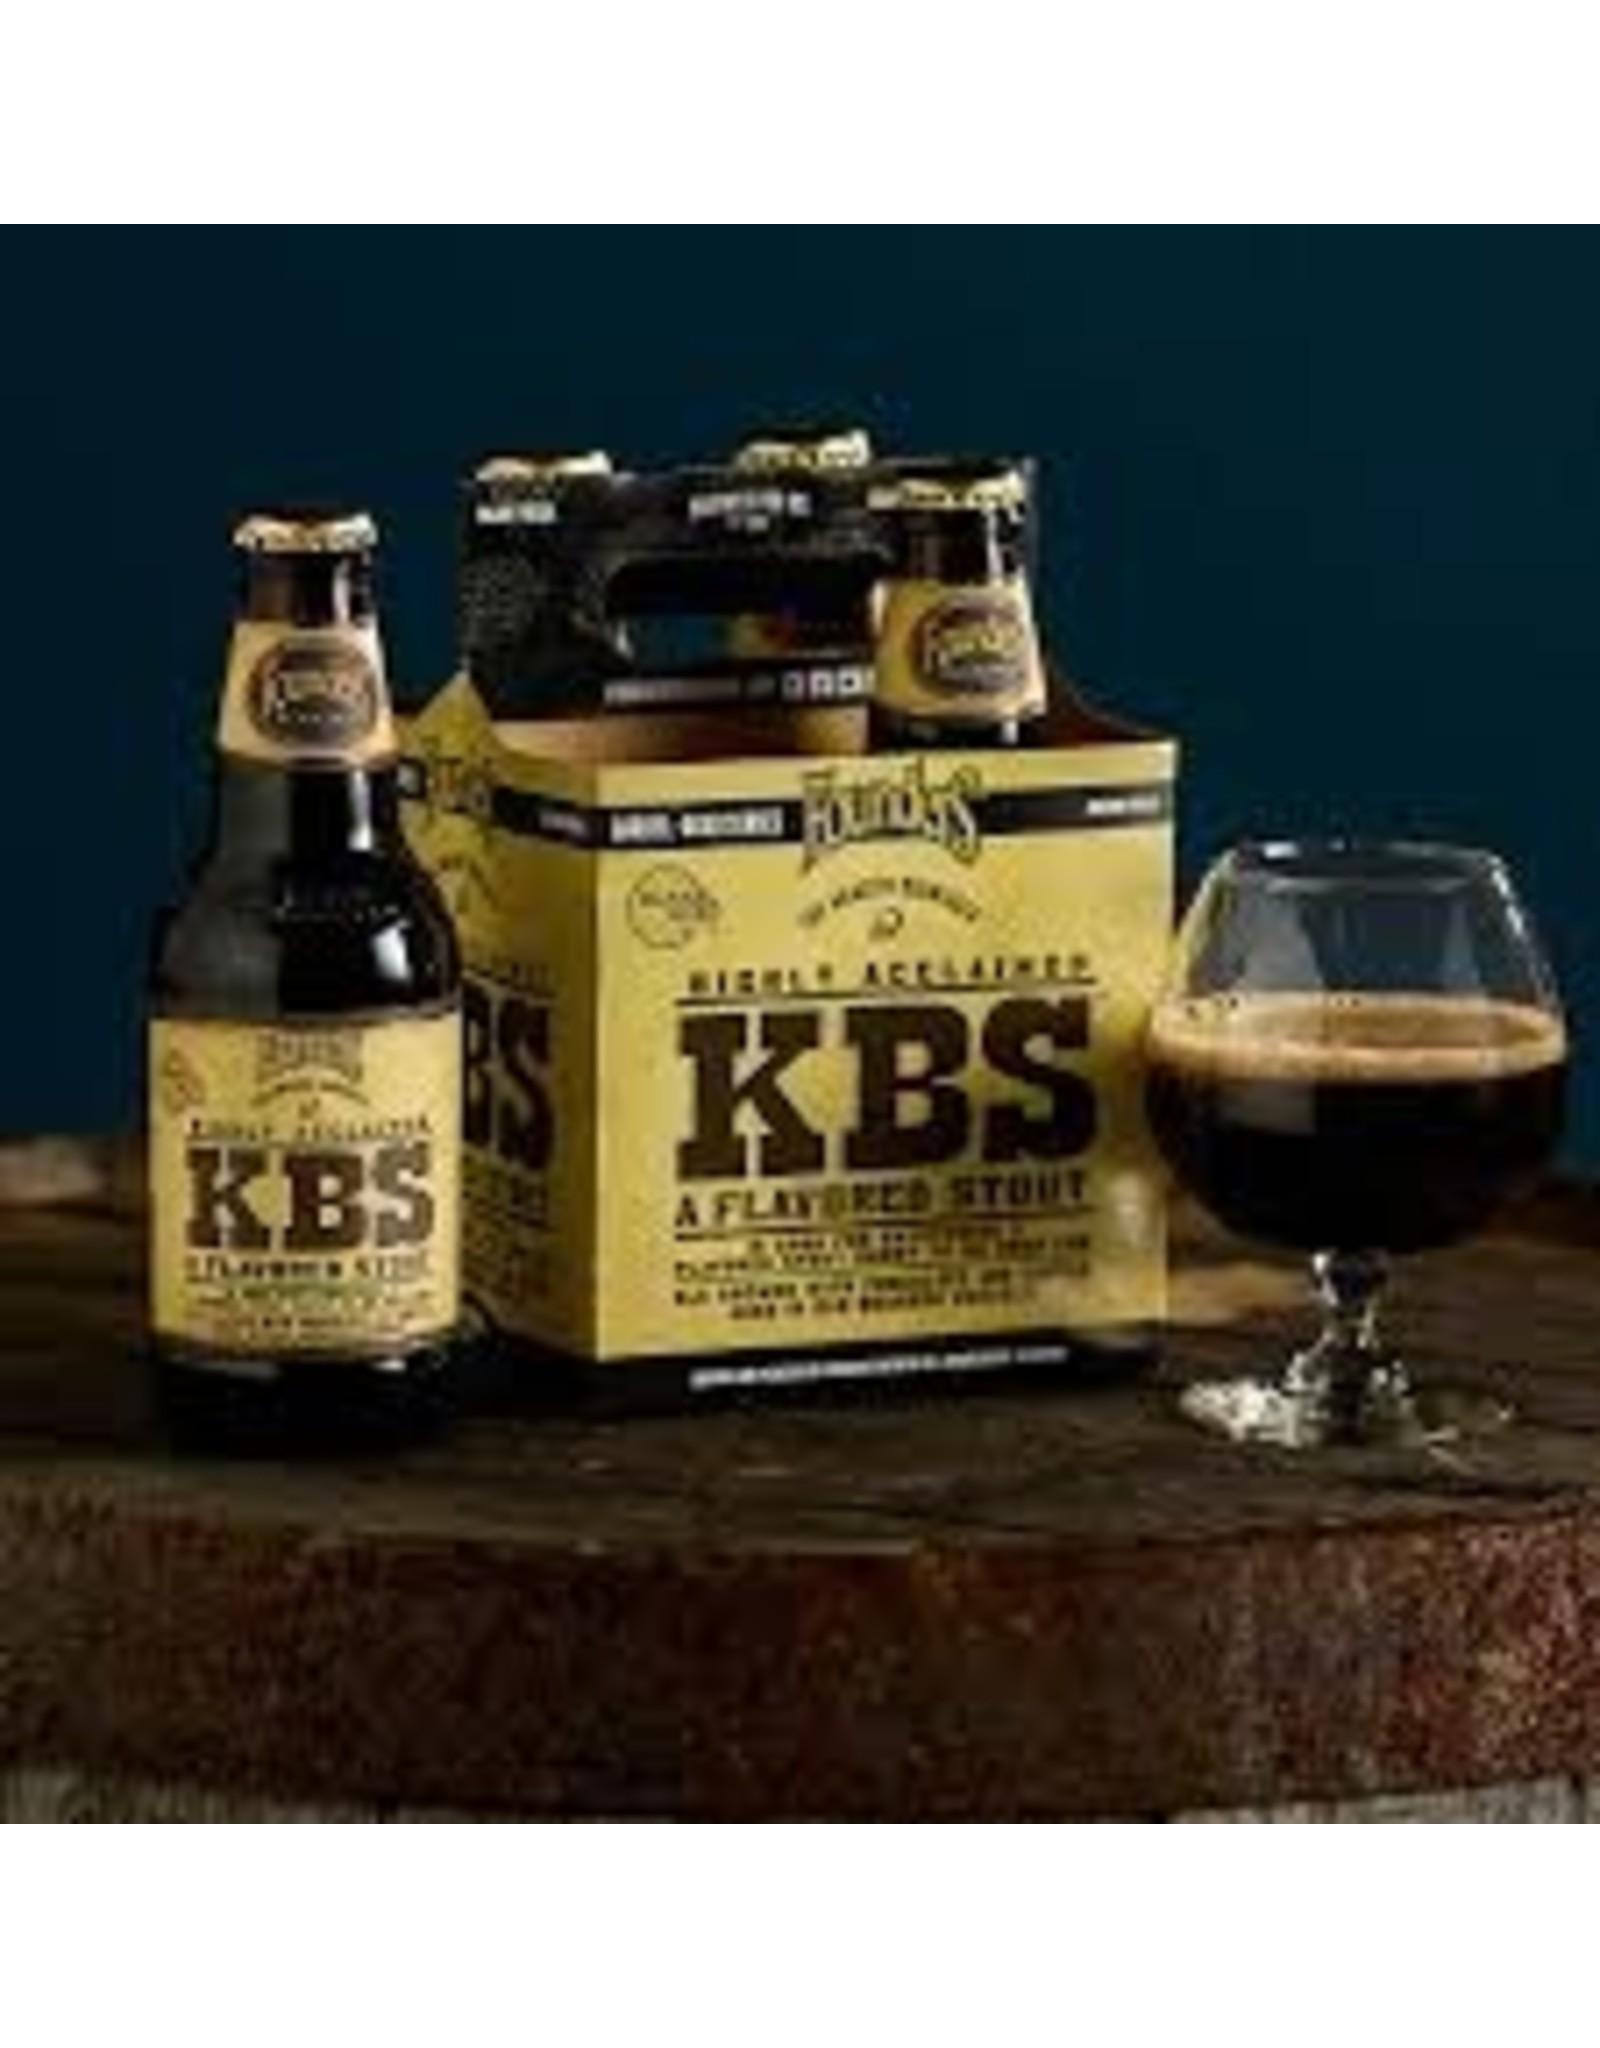 Founders Founder's KBS 4pk bottle